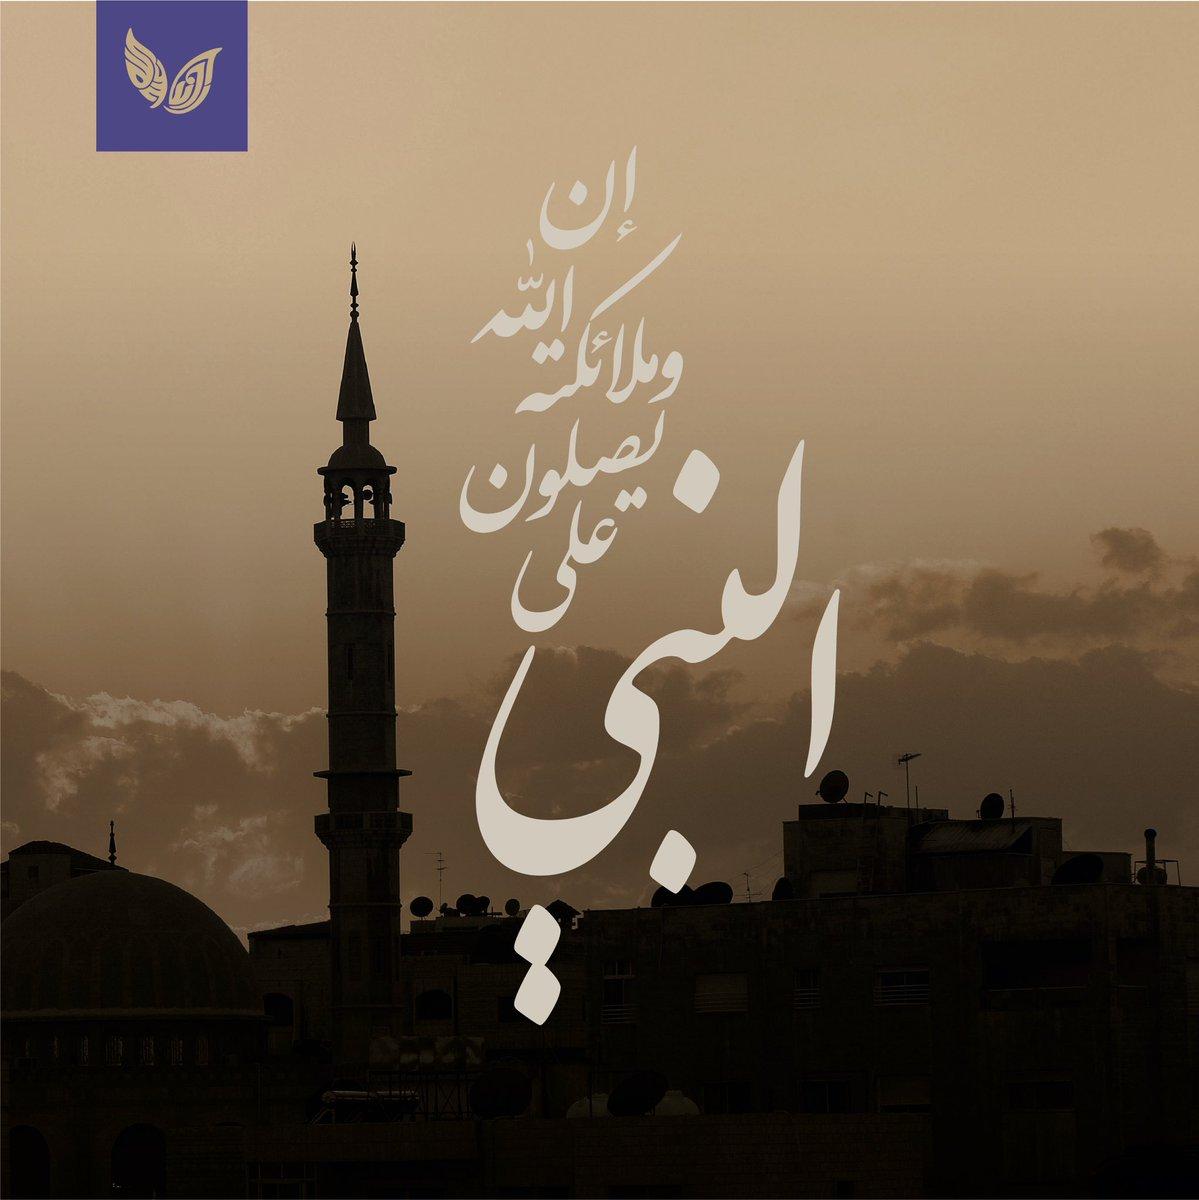 Rania Al Abdullah's photo on #المولد_النبوي_الشريف